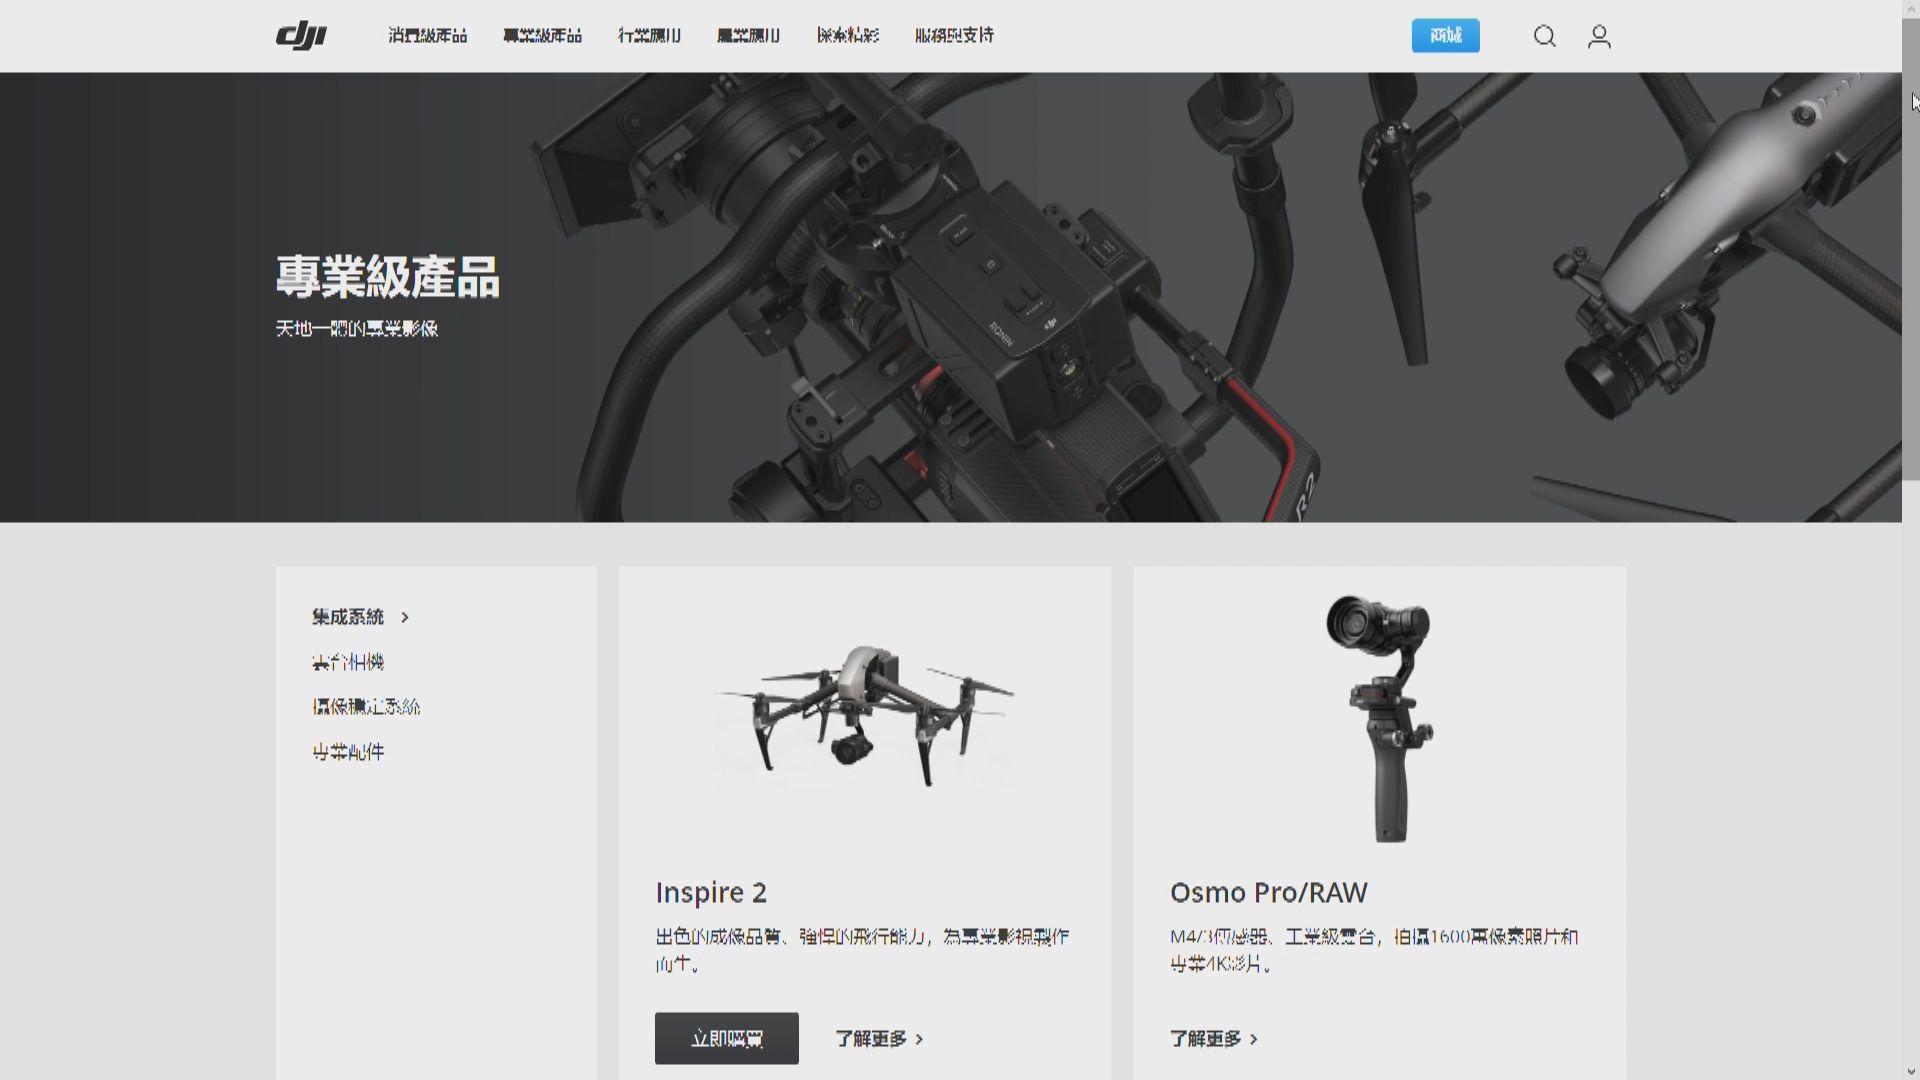 特朗普簽署行政命令檢視中國無人機對國安風險